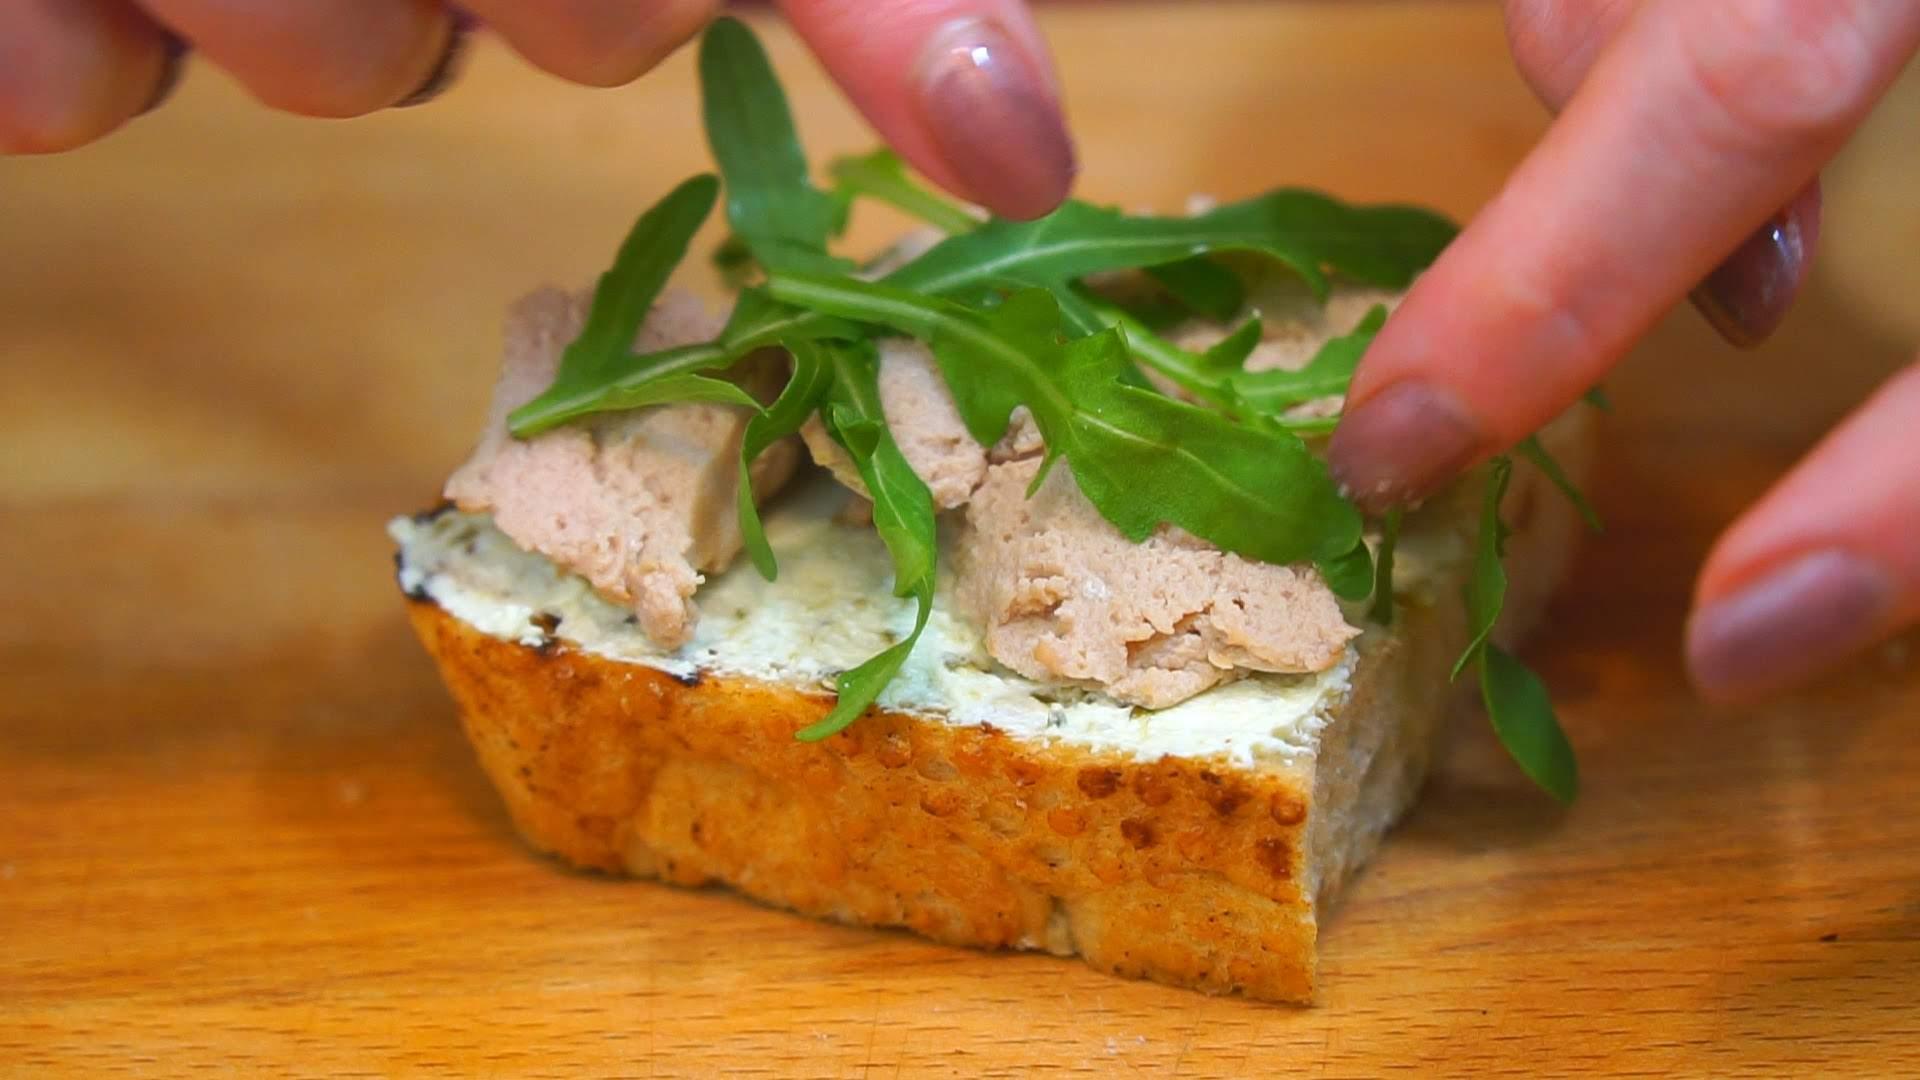 Итальянская закуска-антипасто брускетта!: фото шаг 4